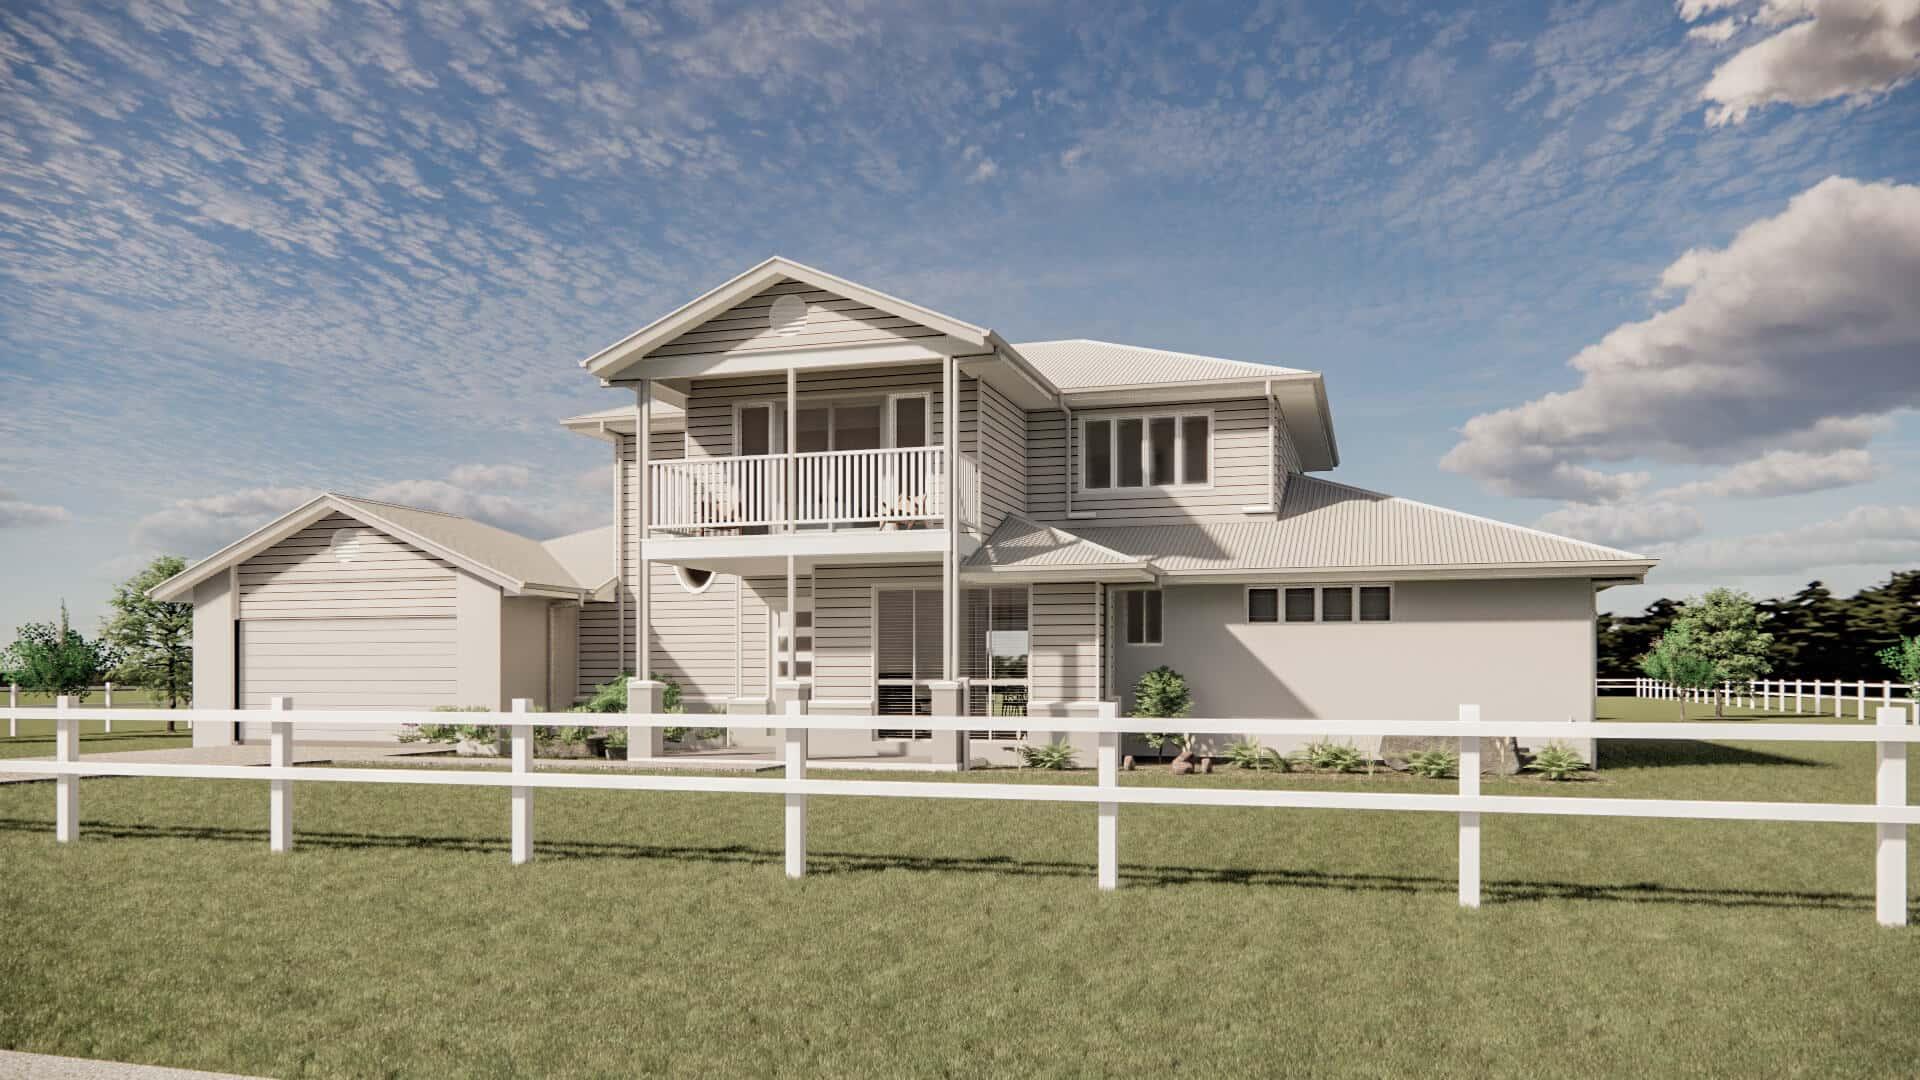 acreage home design